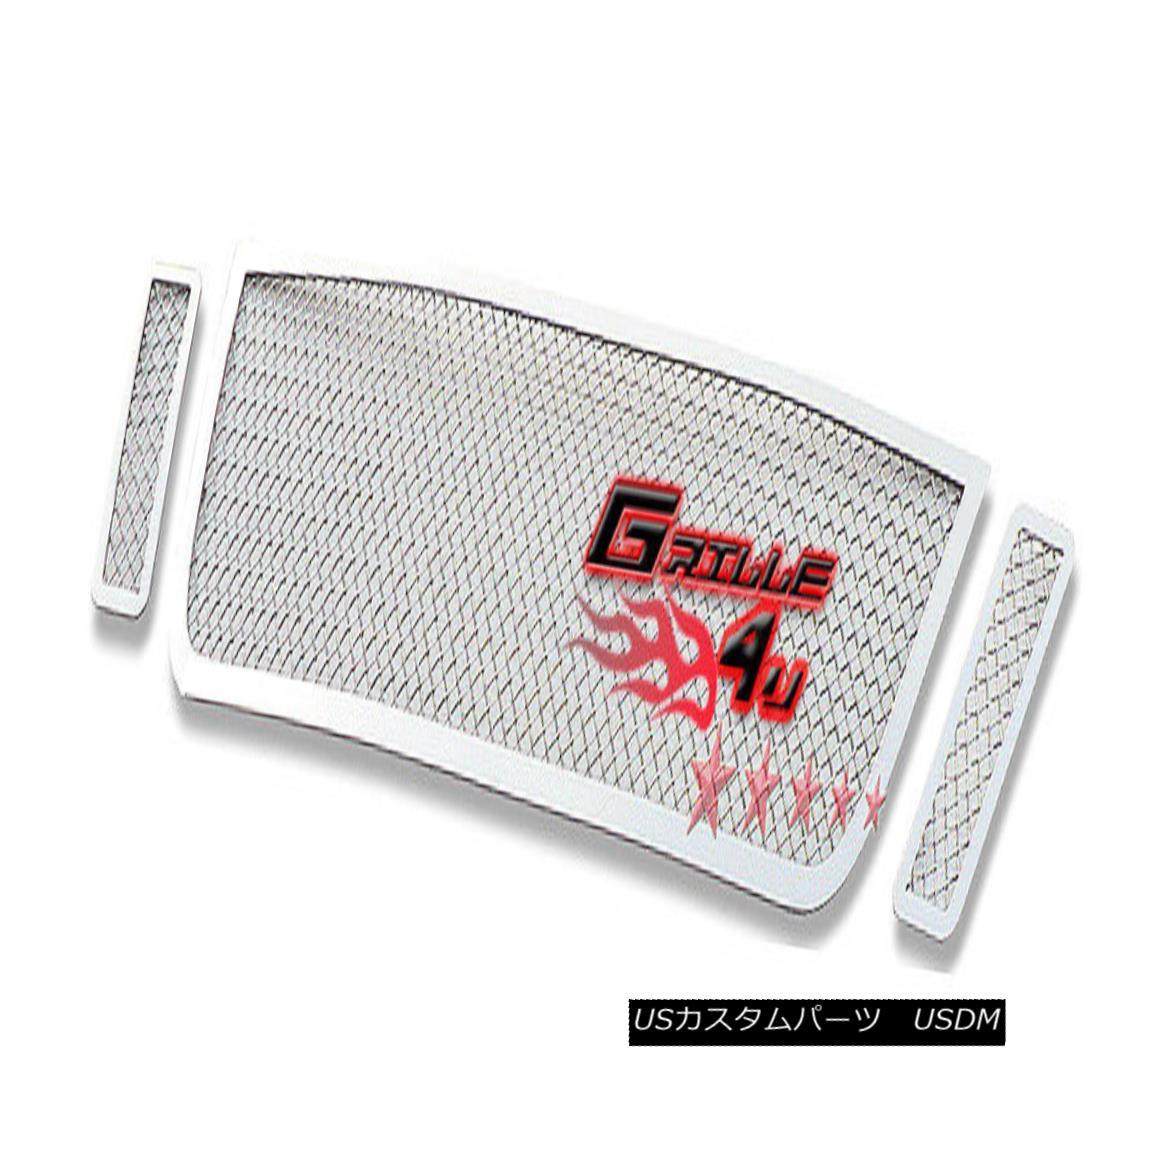 グリル For 07-10 Ford Explorer Sport Trac Stainless Mesh Premium Grille 07-10 Ford Explorer Sport Tracステンレスメッシュプレミアムグリル